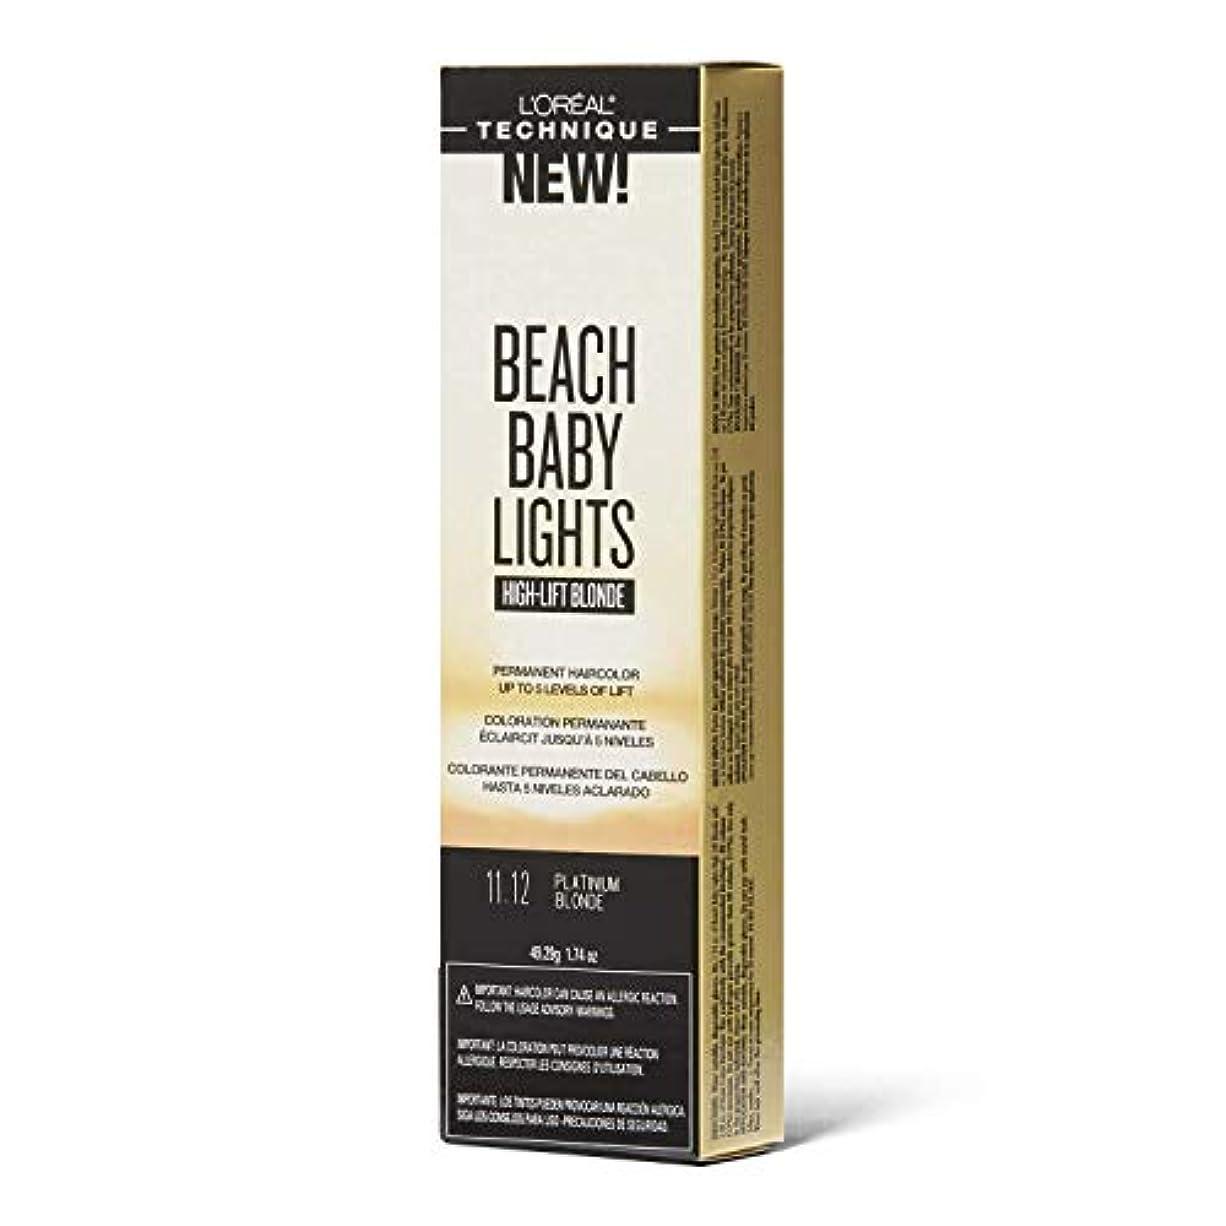 確執居間必要ないL'Oreal Paris L'Orealのビーチ赤ちゃんライトハイリフトプラチナブロンド11.12プラチナブロンド